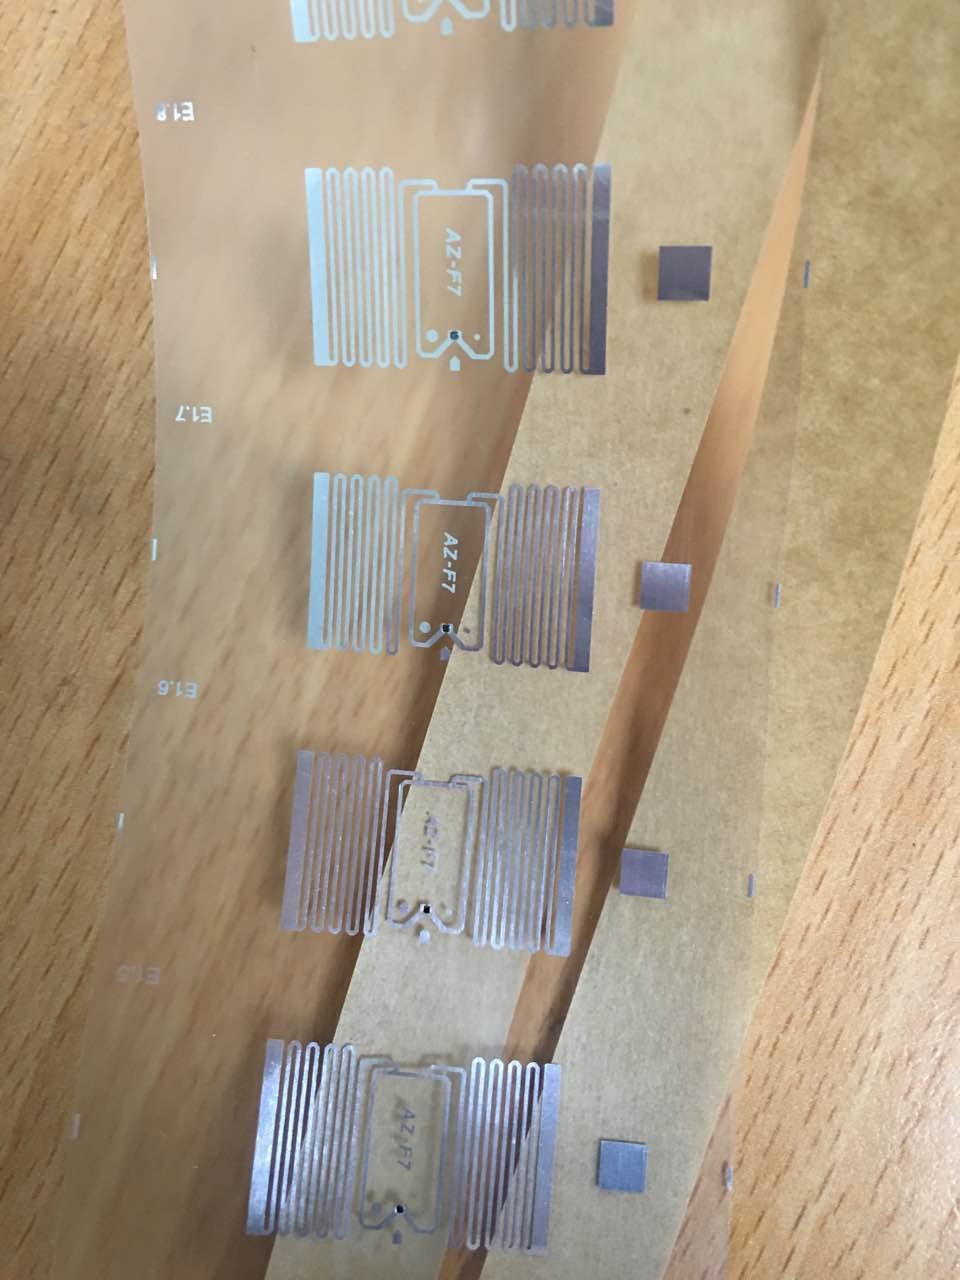 AZ-F7 U-CODE7 26x16mm 超高频干inlay rfid电子射频智能标签 1